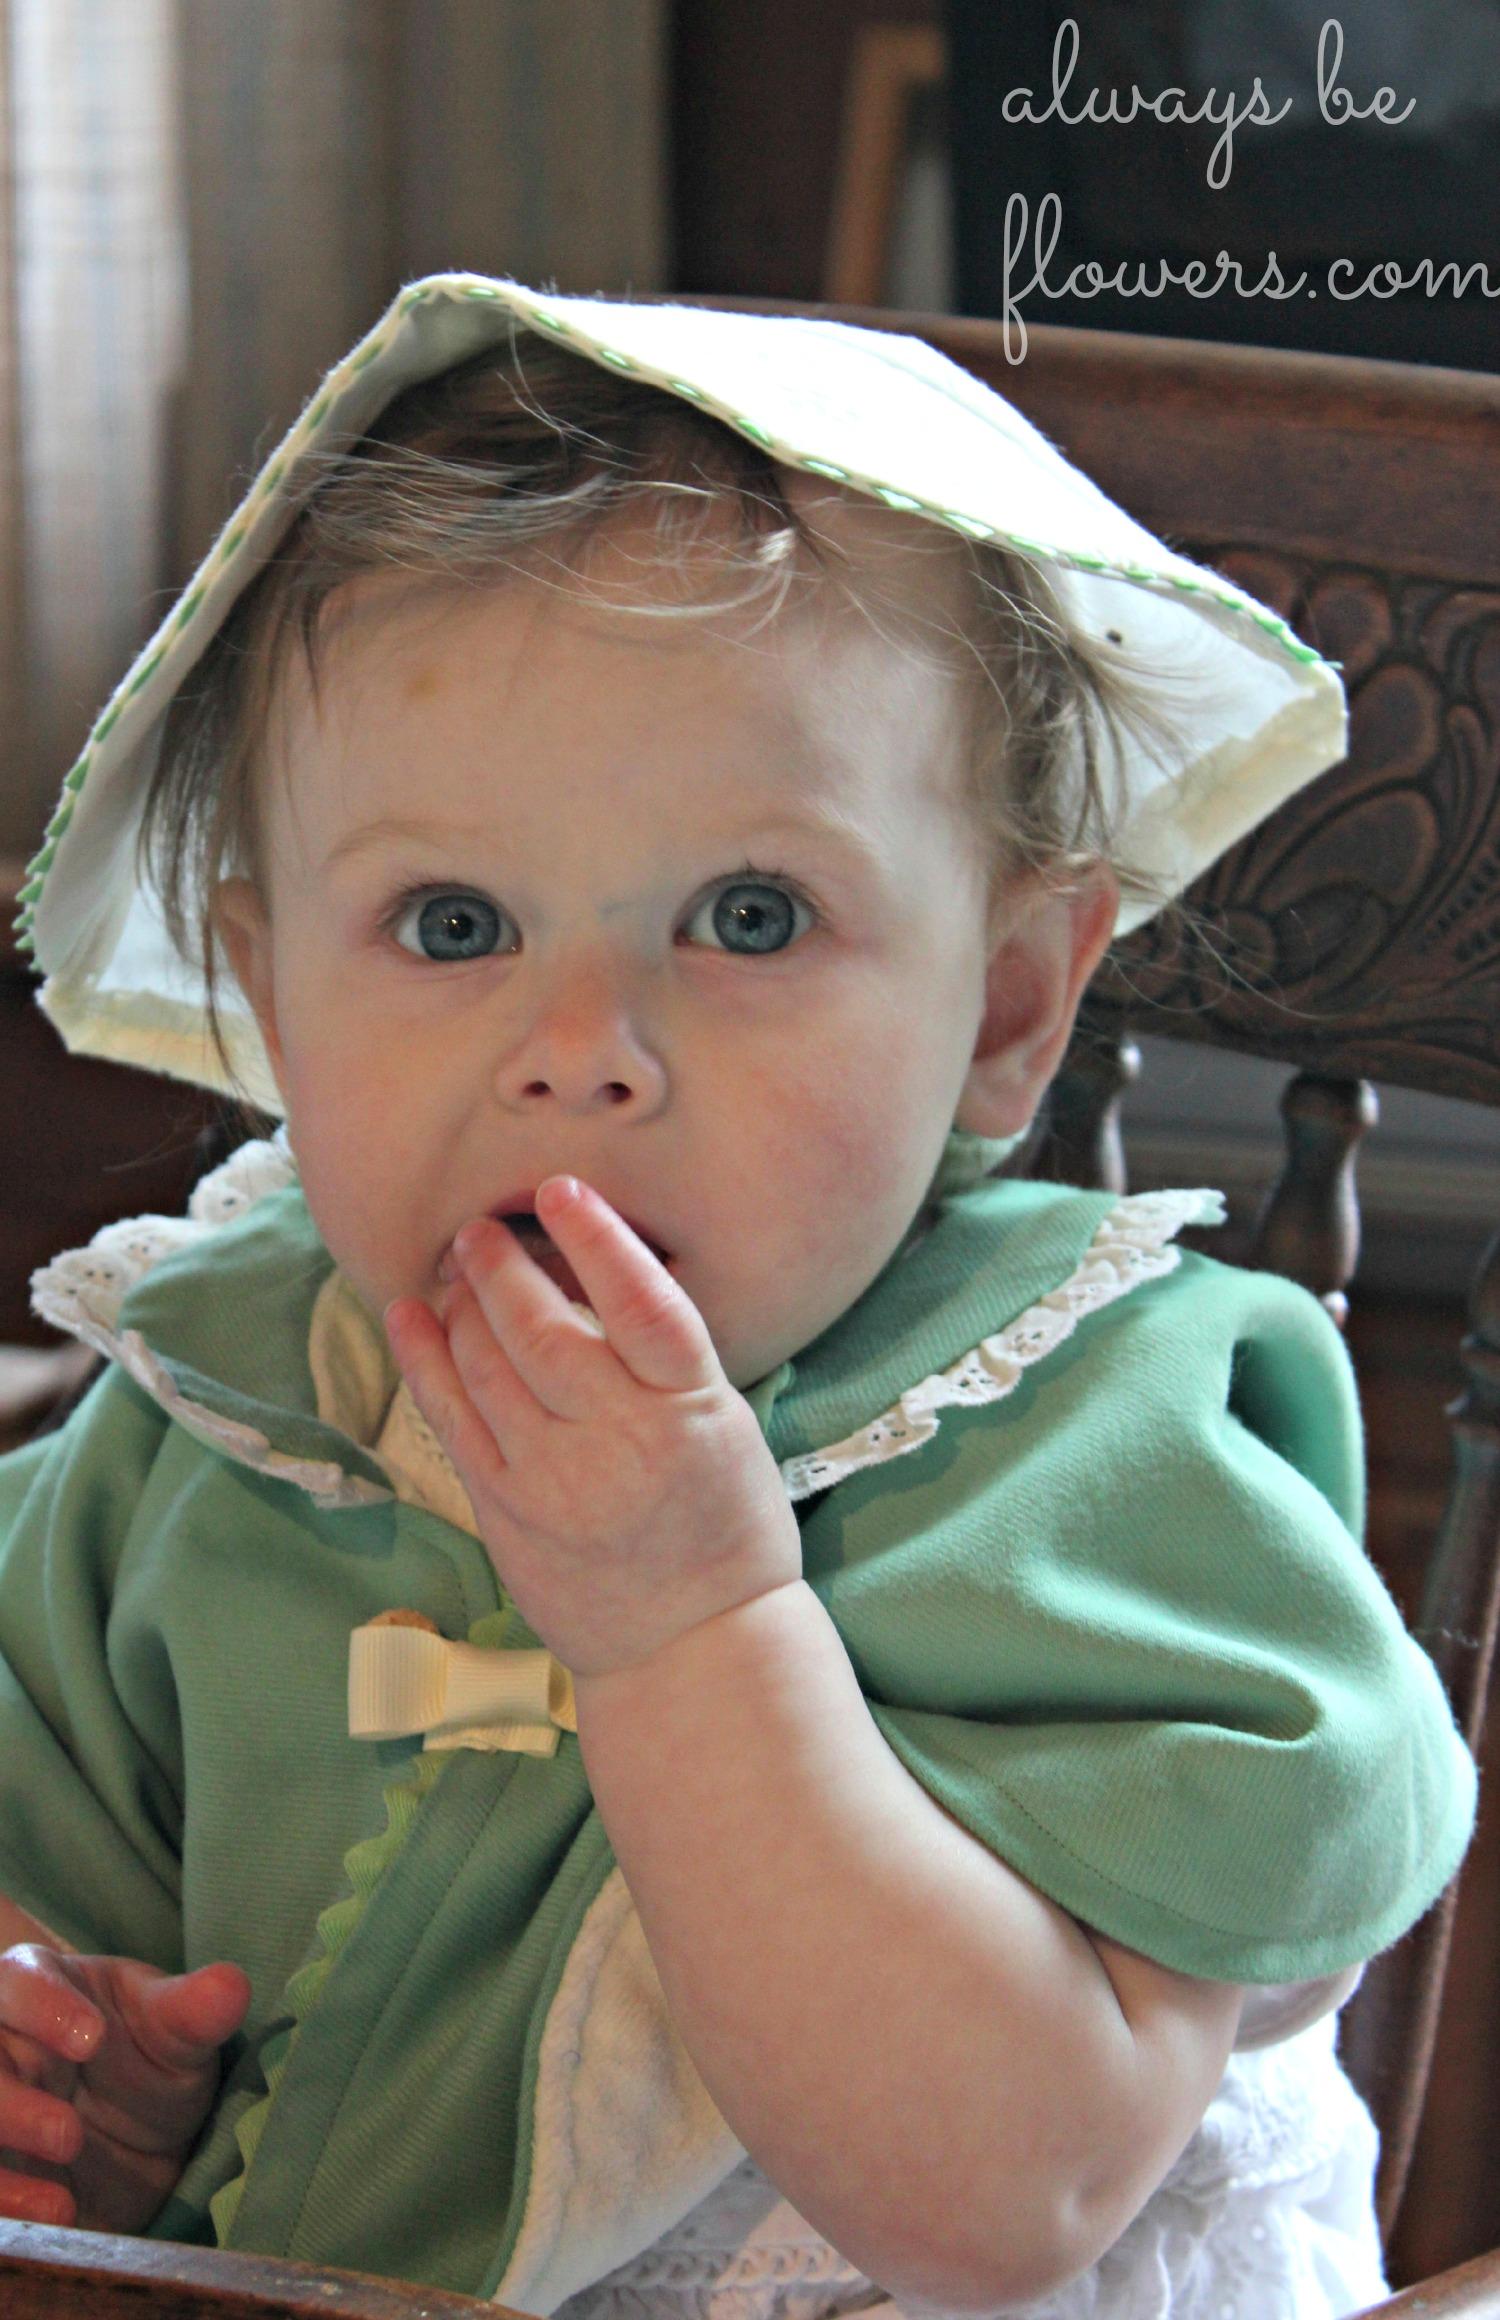 Yes, I realize she looks like a nun.